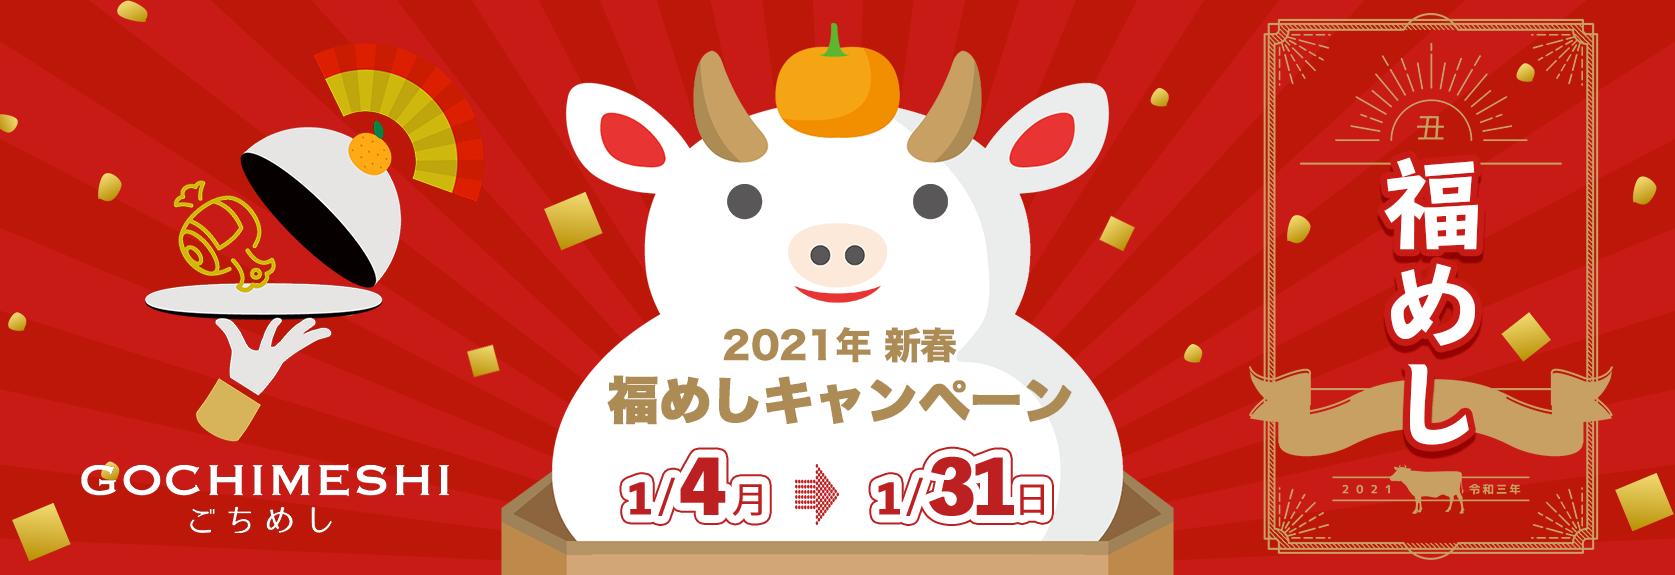 ごちめし 2021年 新春 福めし キャンペーン